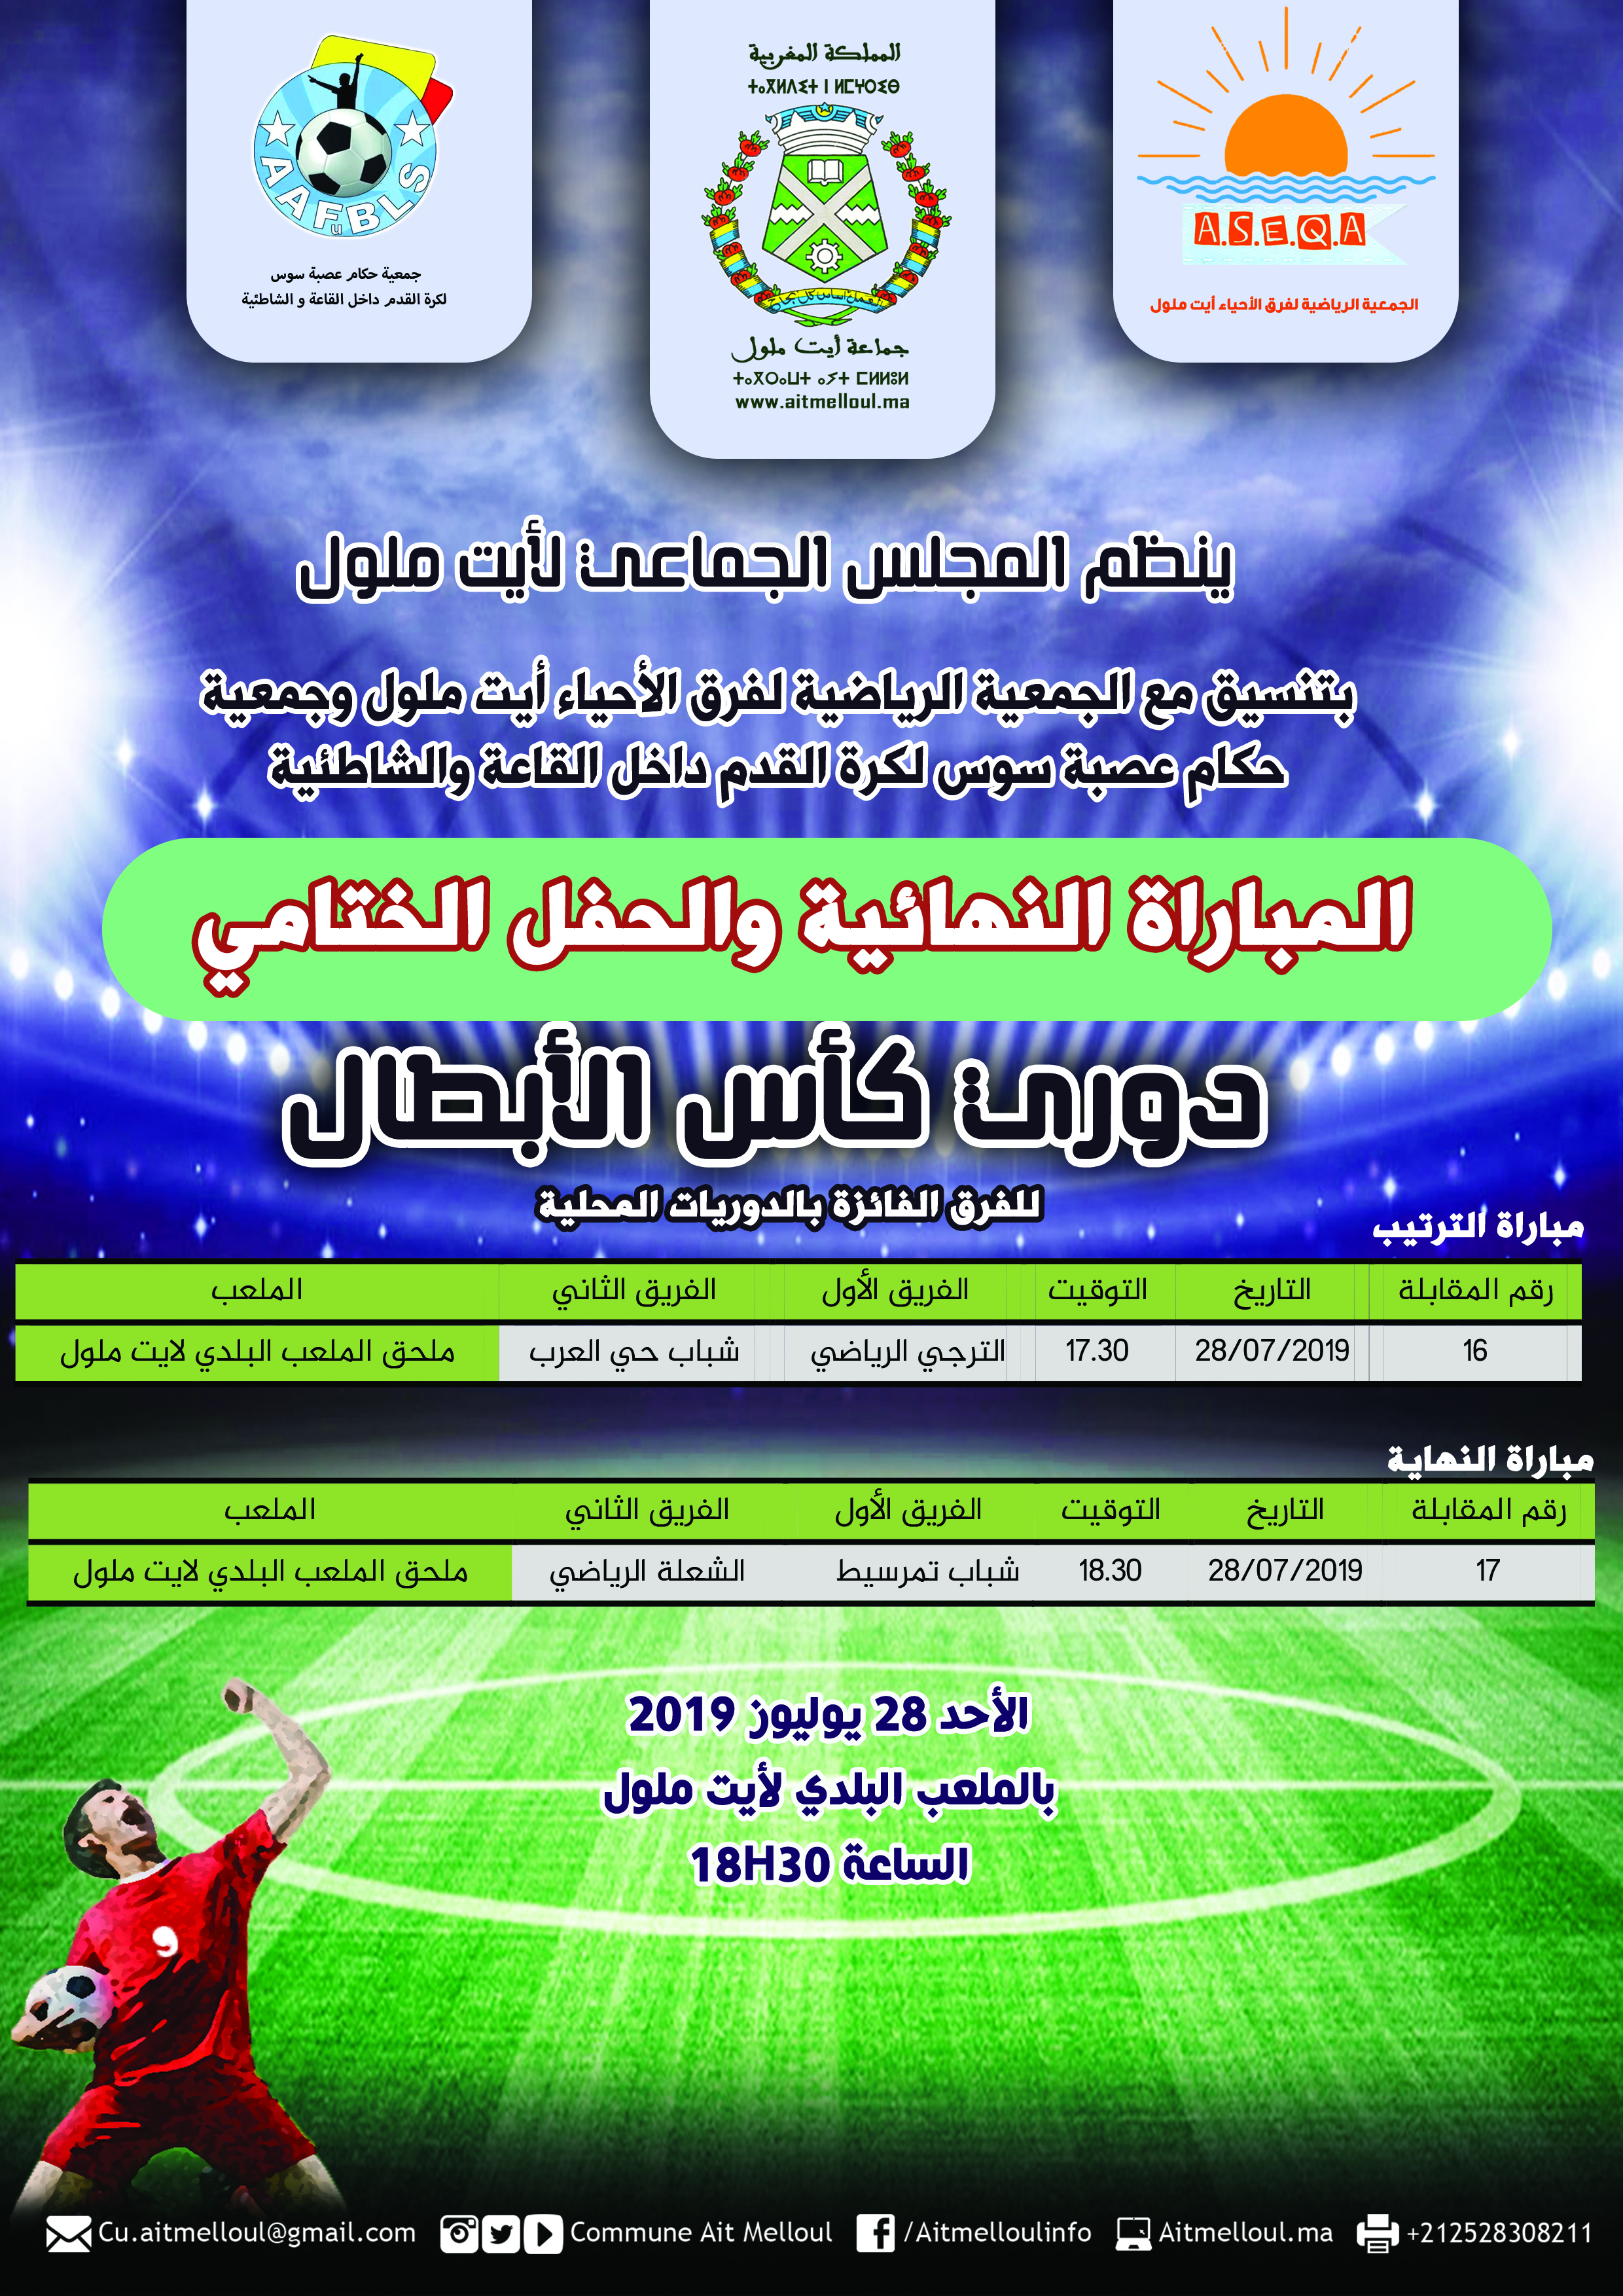 المباراة النهائية والحفل الختامي لدوري كأس الأبطال بأيت ملول 2019